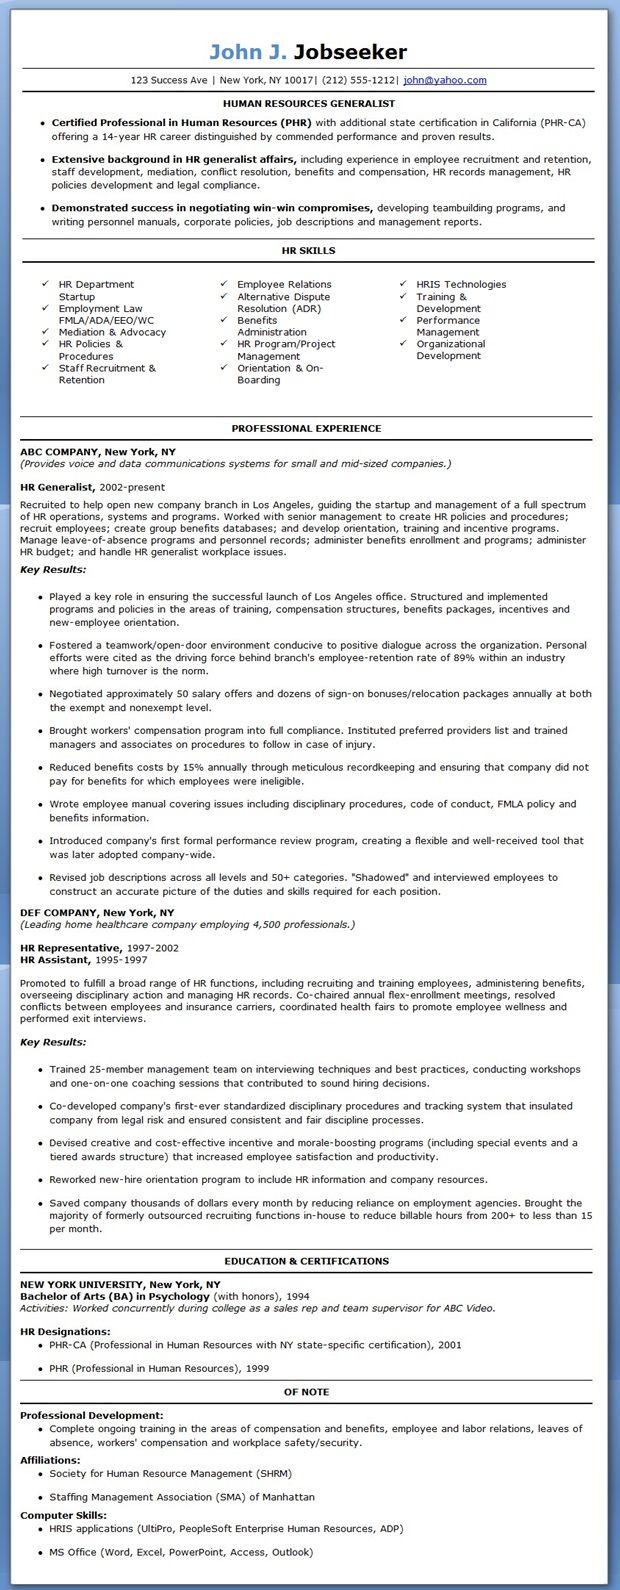 hr generalist resume sample hr generalist resume sample